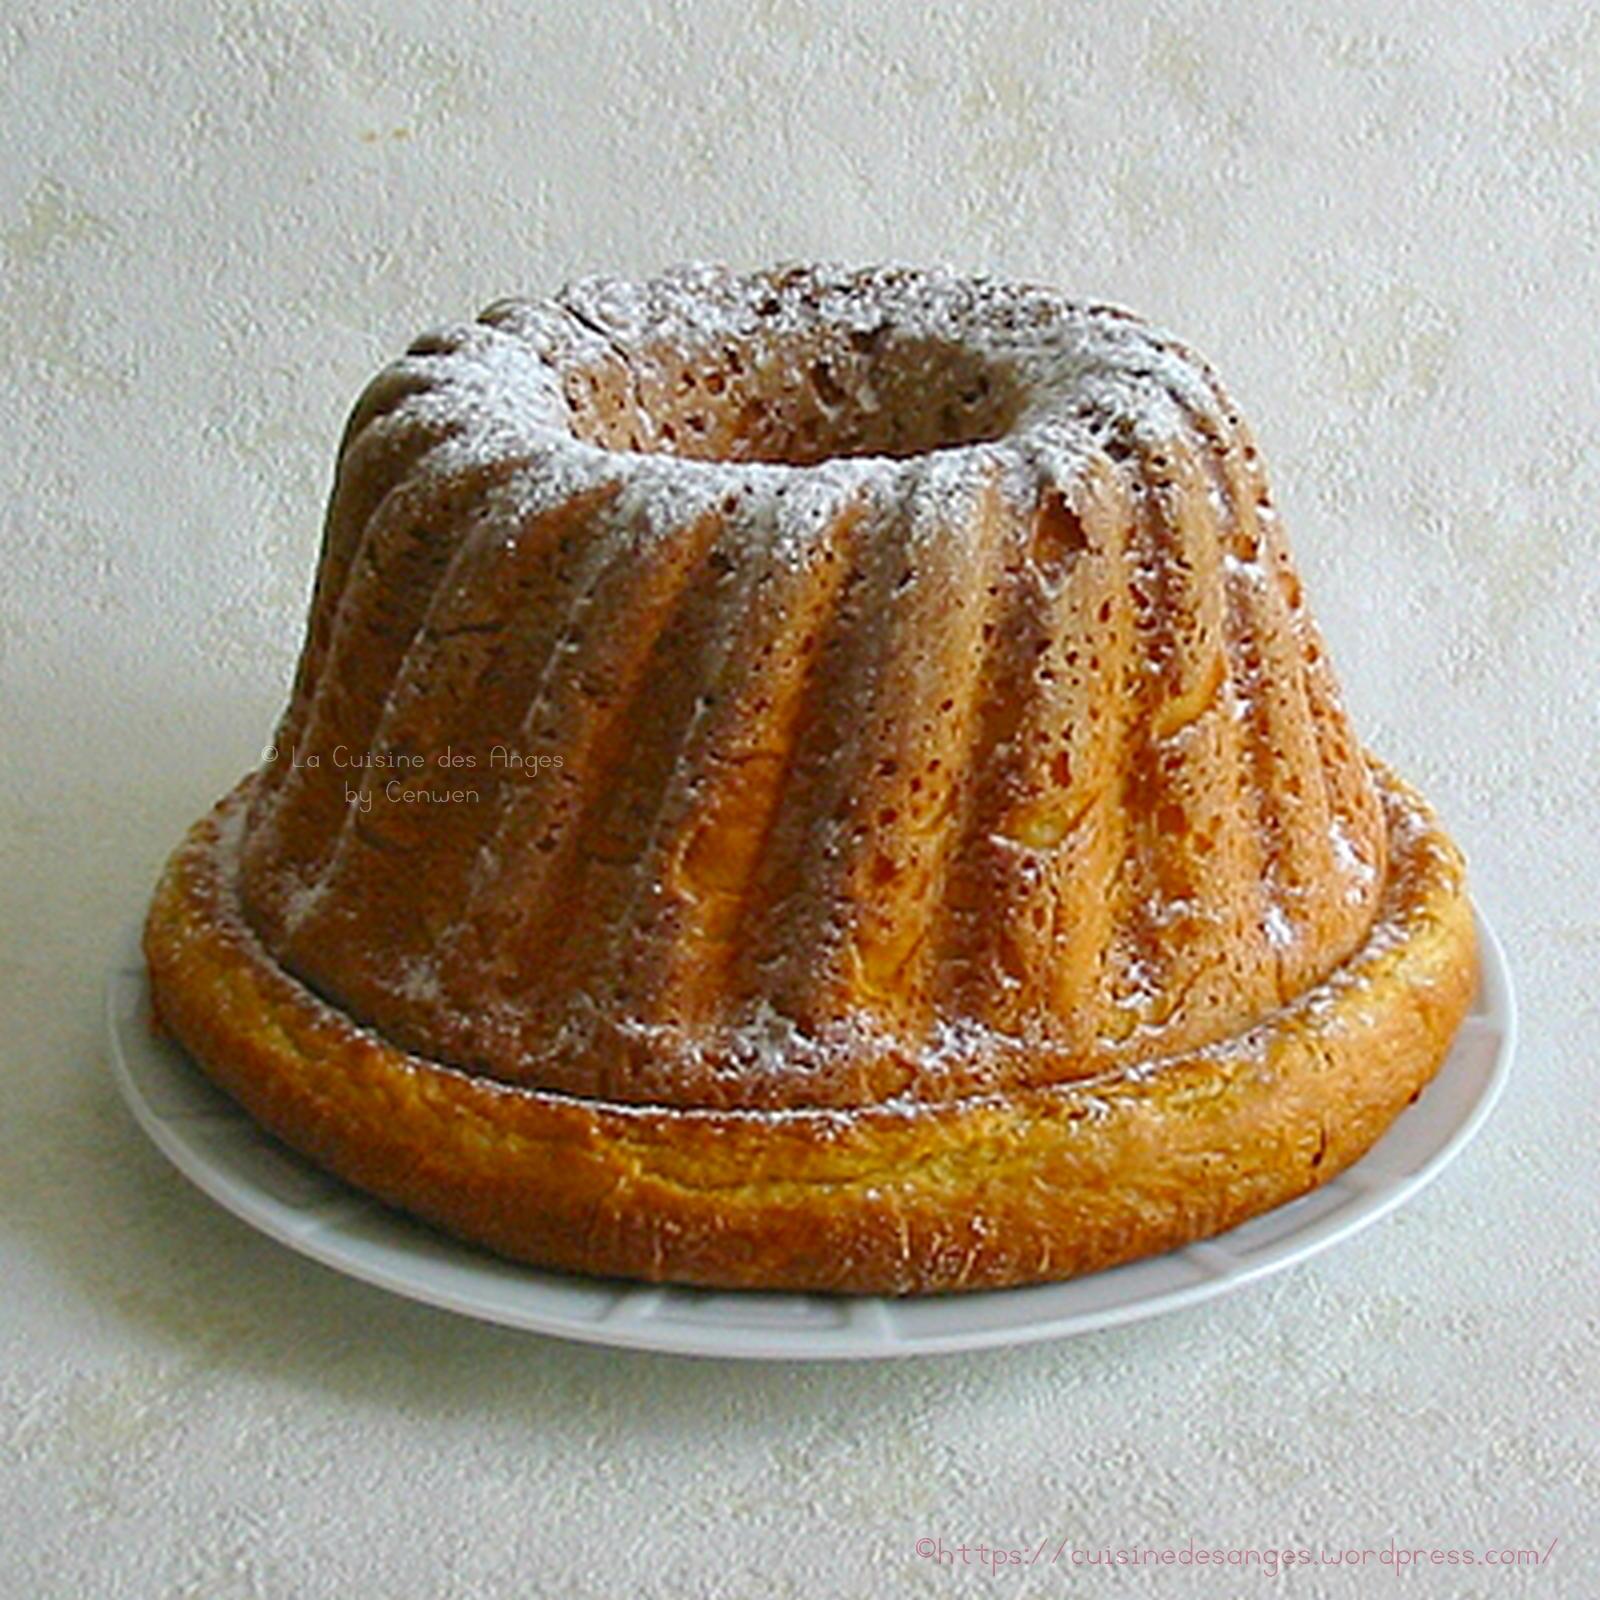 Brioches pains viennoiseries la cuisine des anges - Kouglof alsacien recette en video cuisine ...